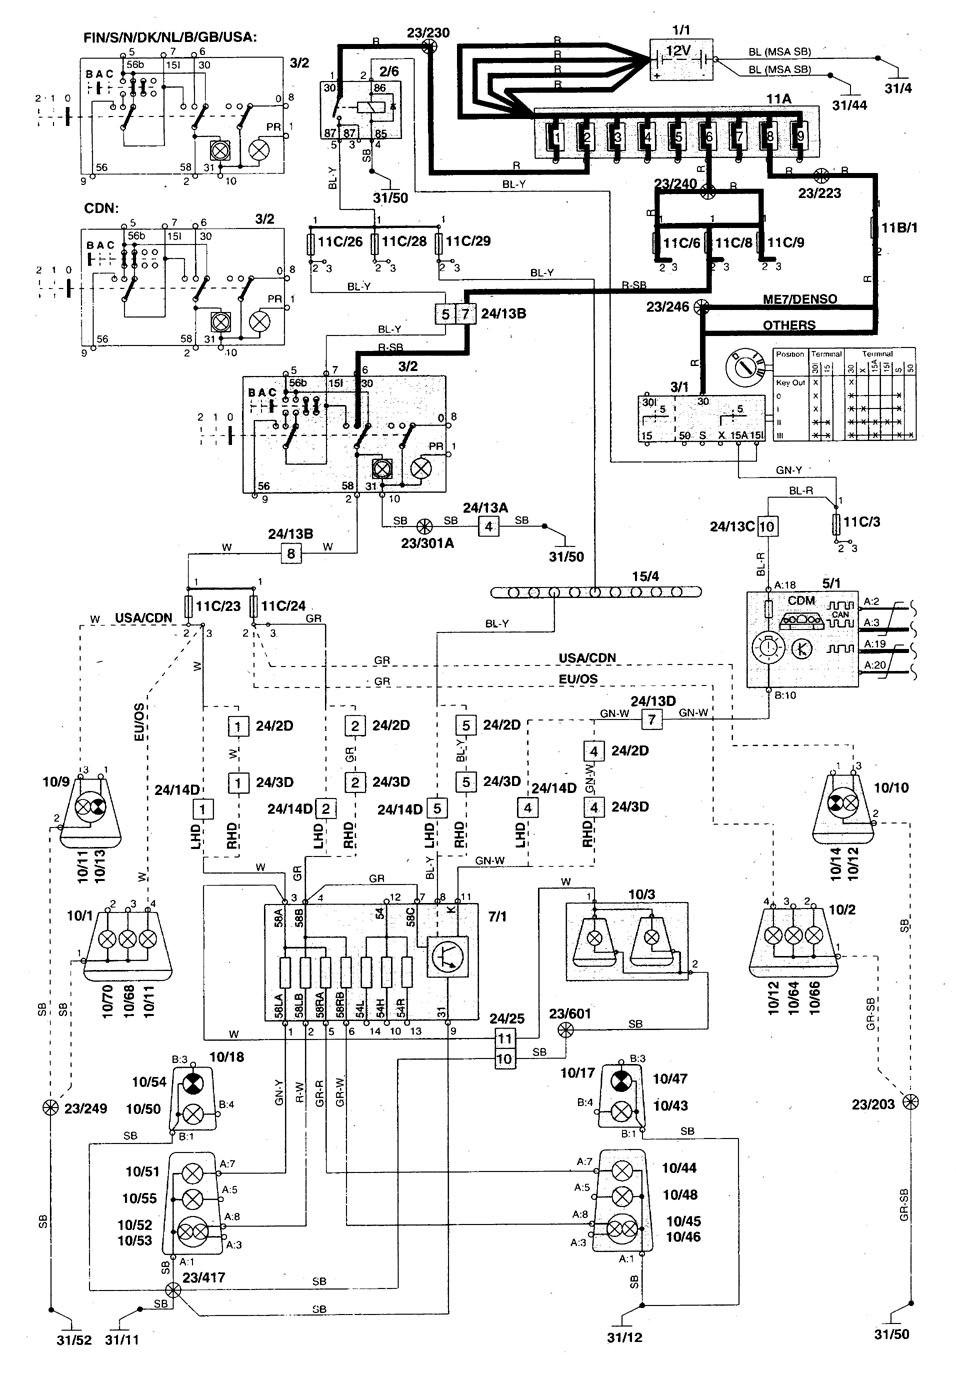 1998 Volvo V70 Wiring Diagram Wiring Diagram Stare Component A Stare Component A Consorziofiuggiturismo It